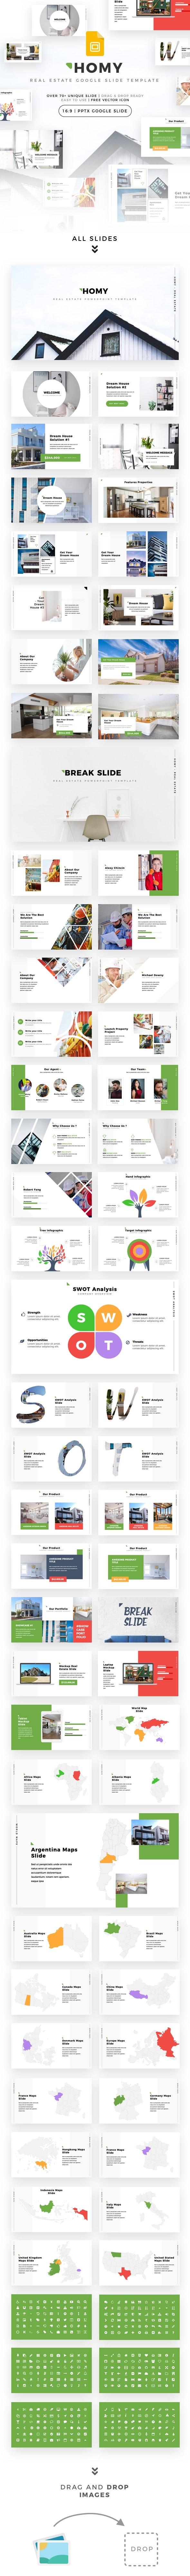 Homy - Multipurpose Real Estate Google Slide Template - Google Slides Presentation Templates